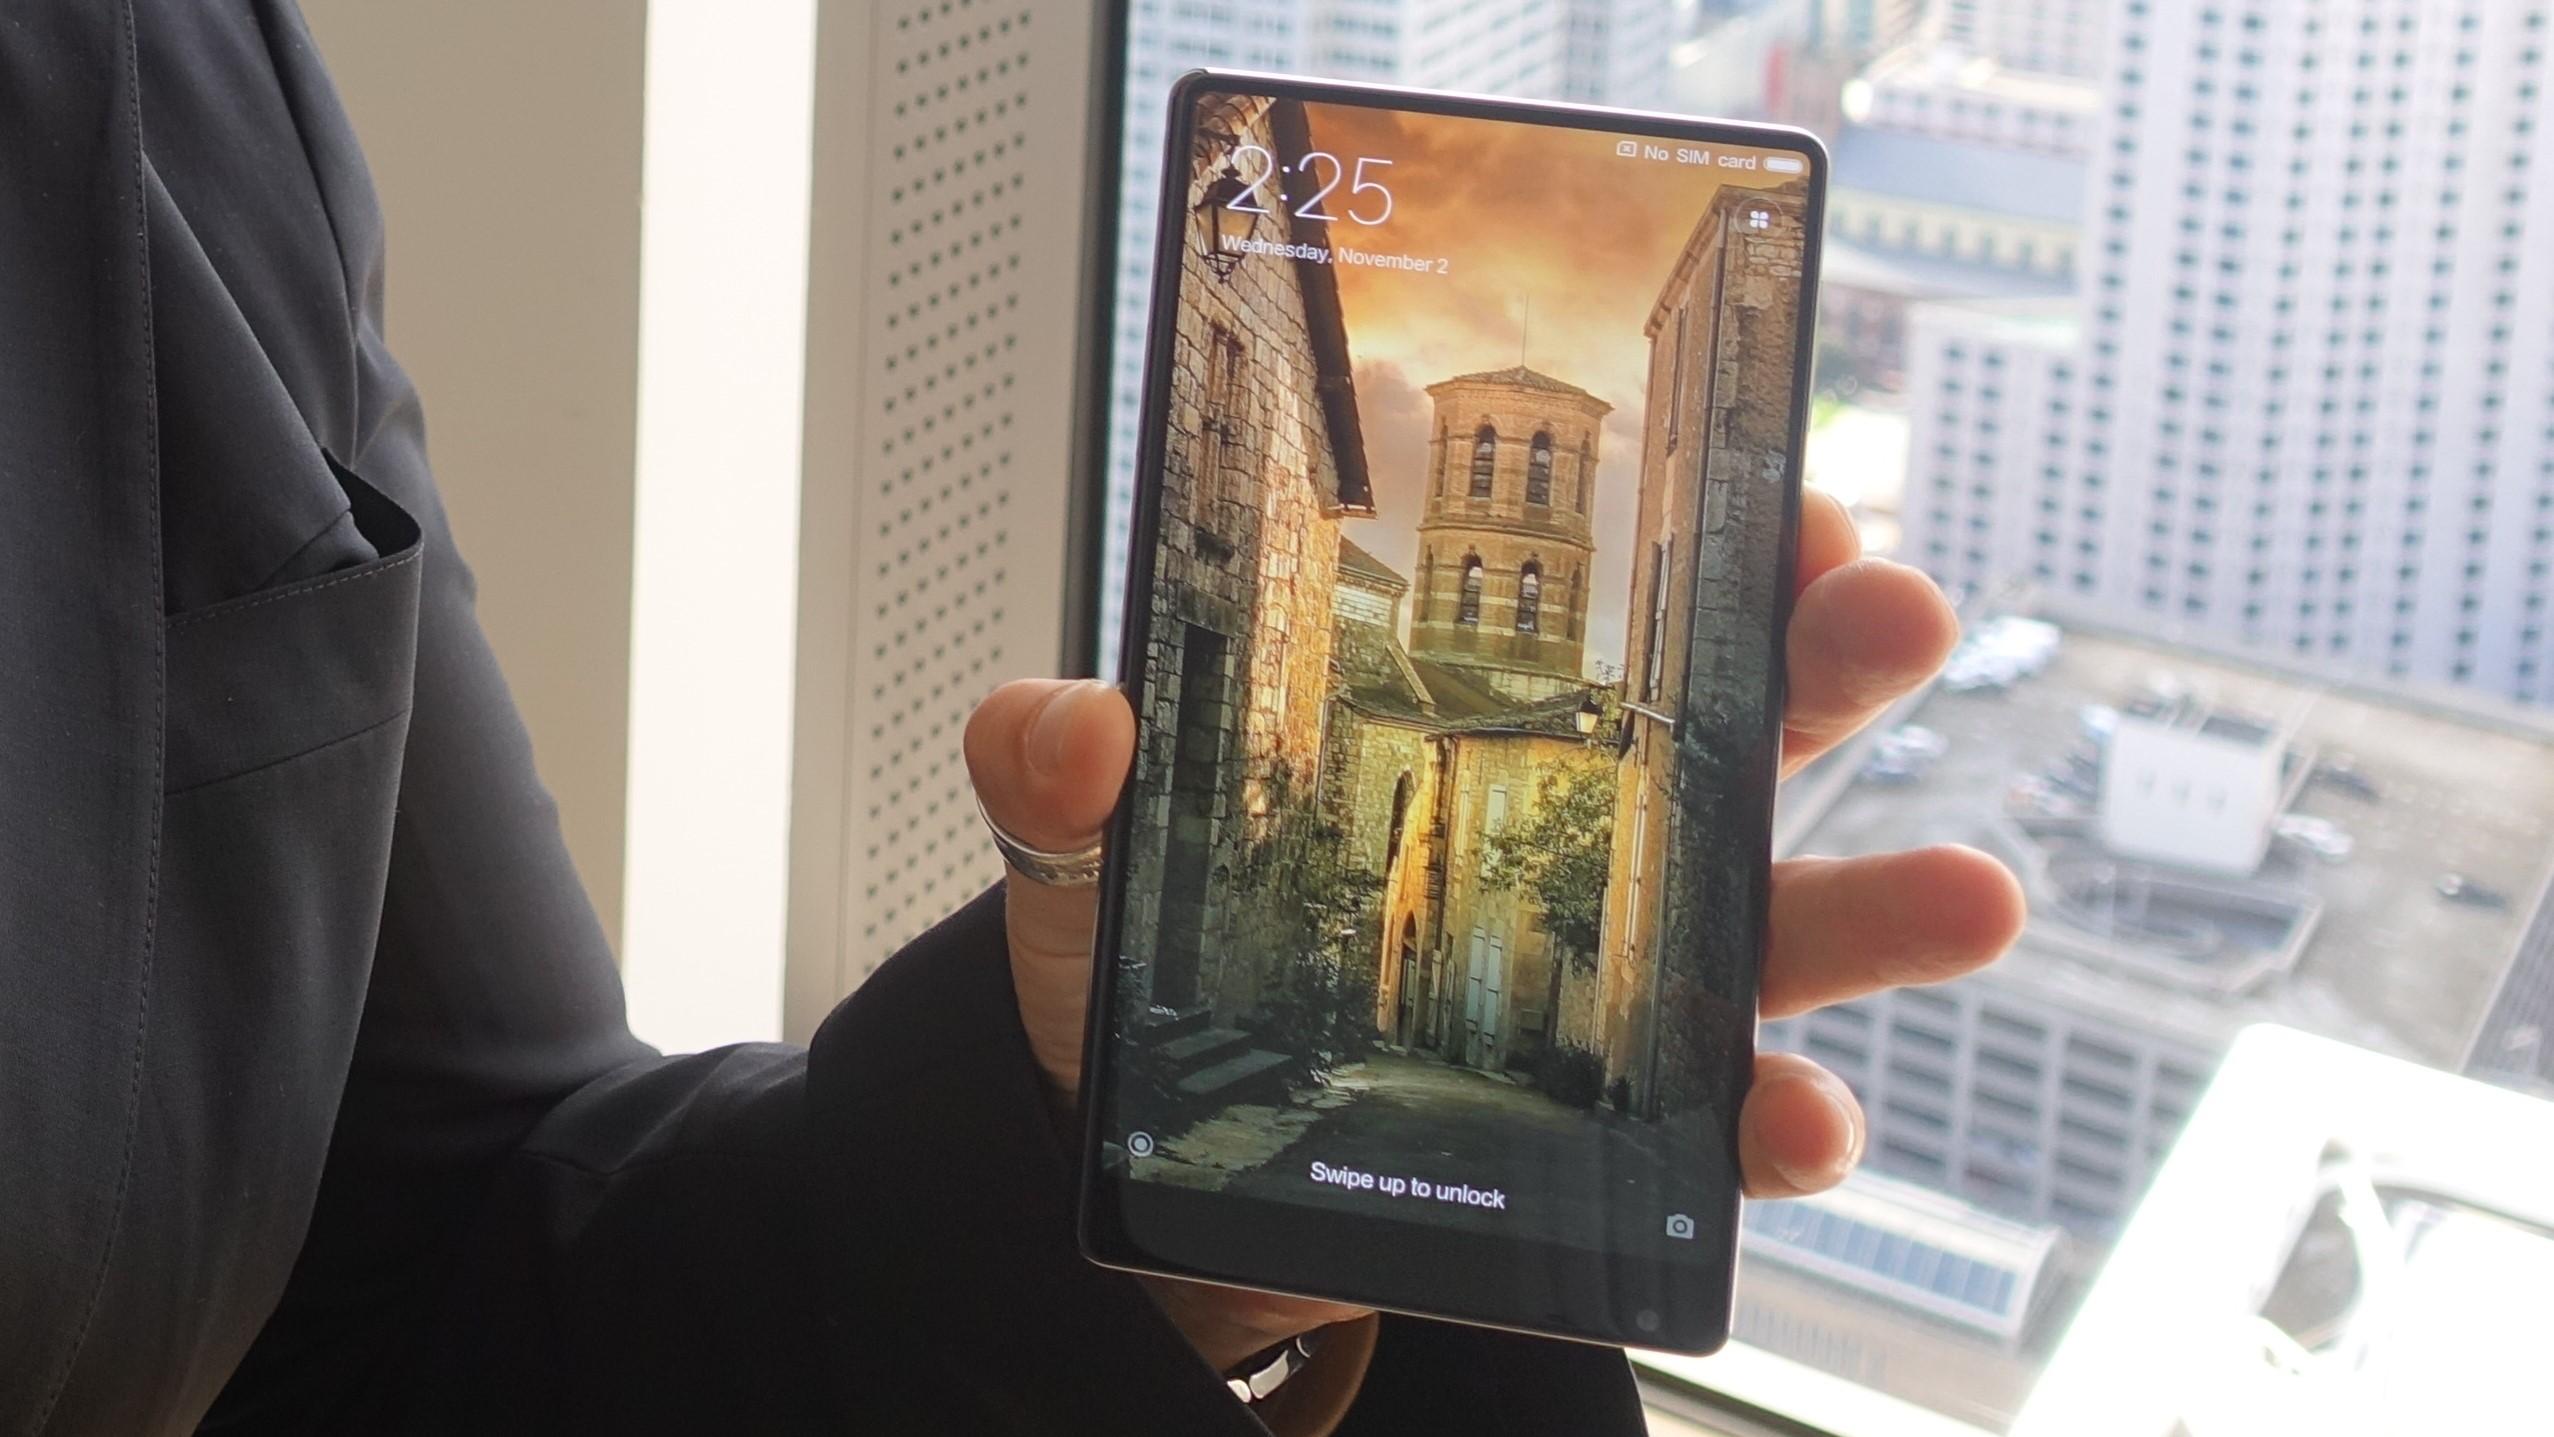 Xiaomi Mi Mi var først med rammeløs skjerm, ifølge listen til Qualcomm.